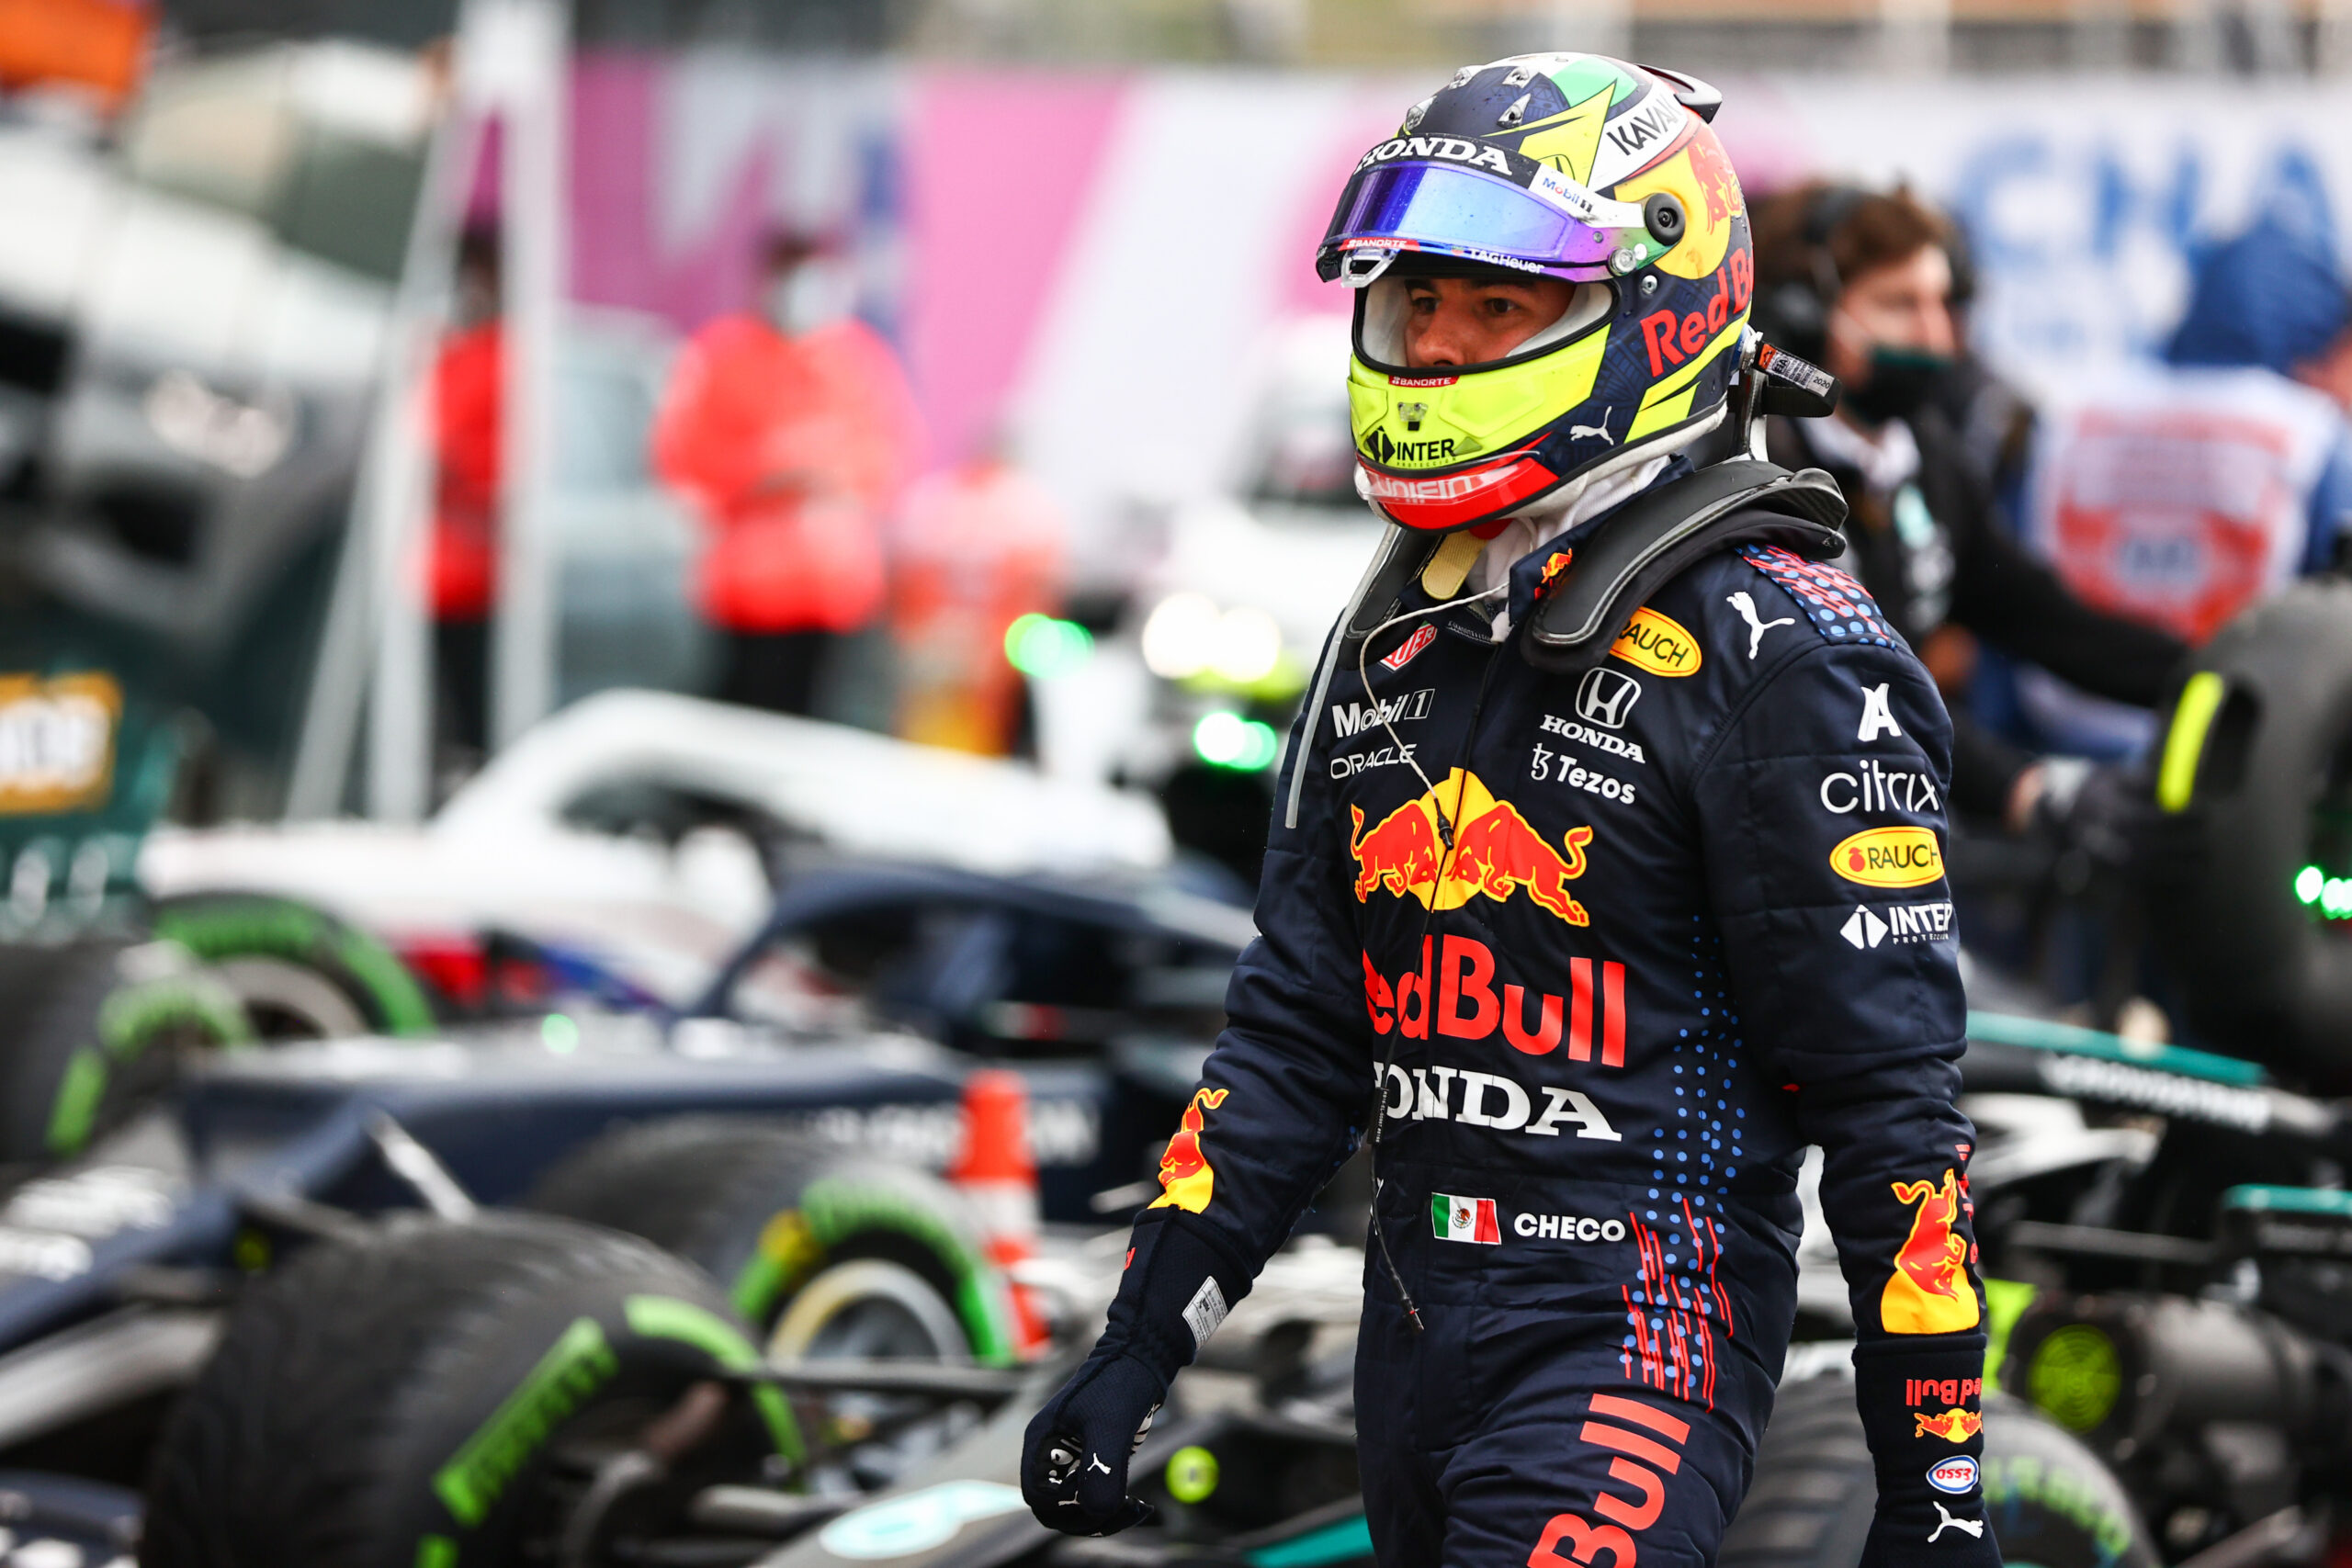 F1 - Les résultats définitifs du Grand Prix de Russie 2021